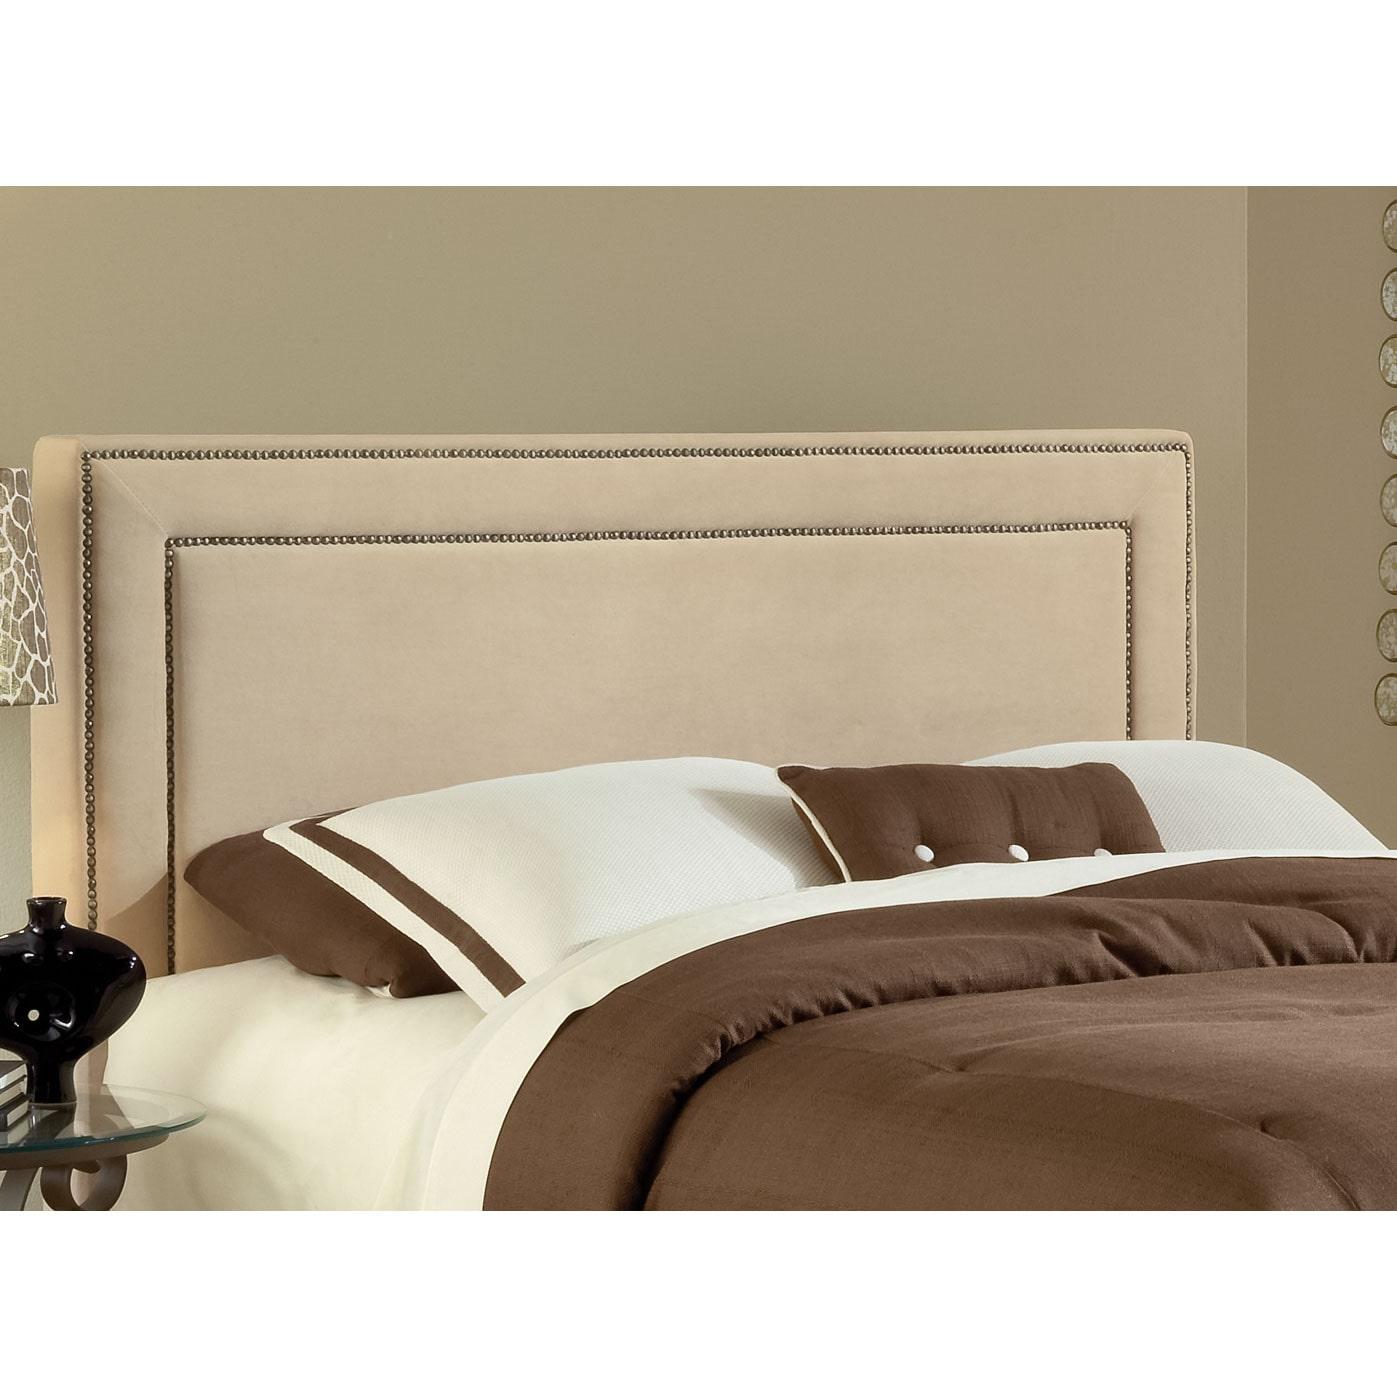 Amber Queen Upholstered Headboard - Beige